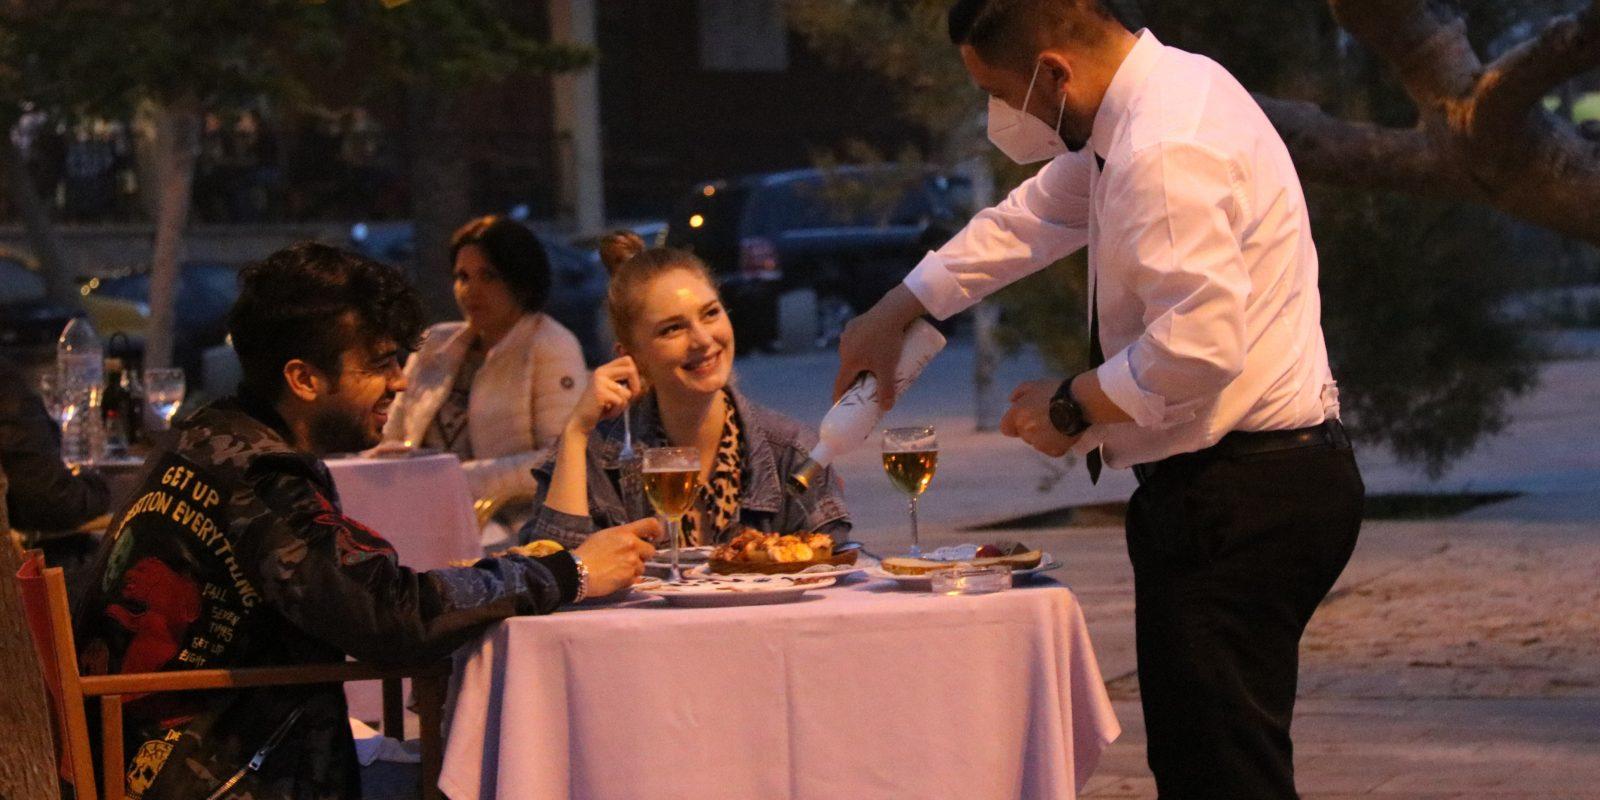 Un cambrer servint una parella en un restaurant de la Barceloneta | ACN